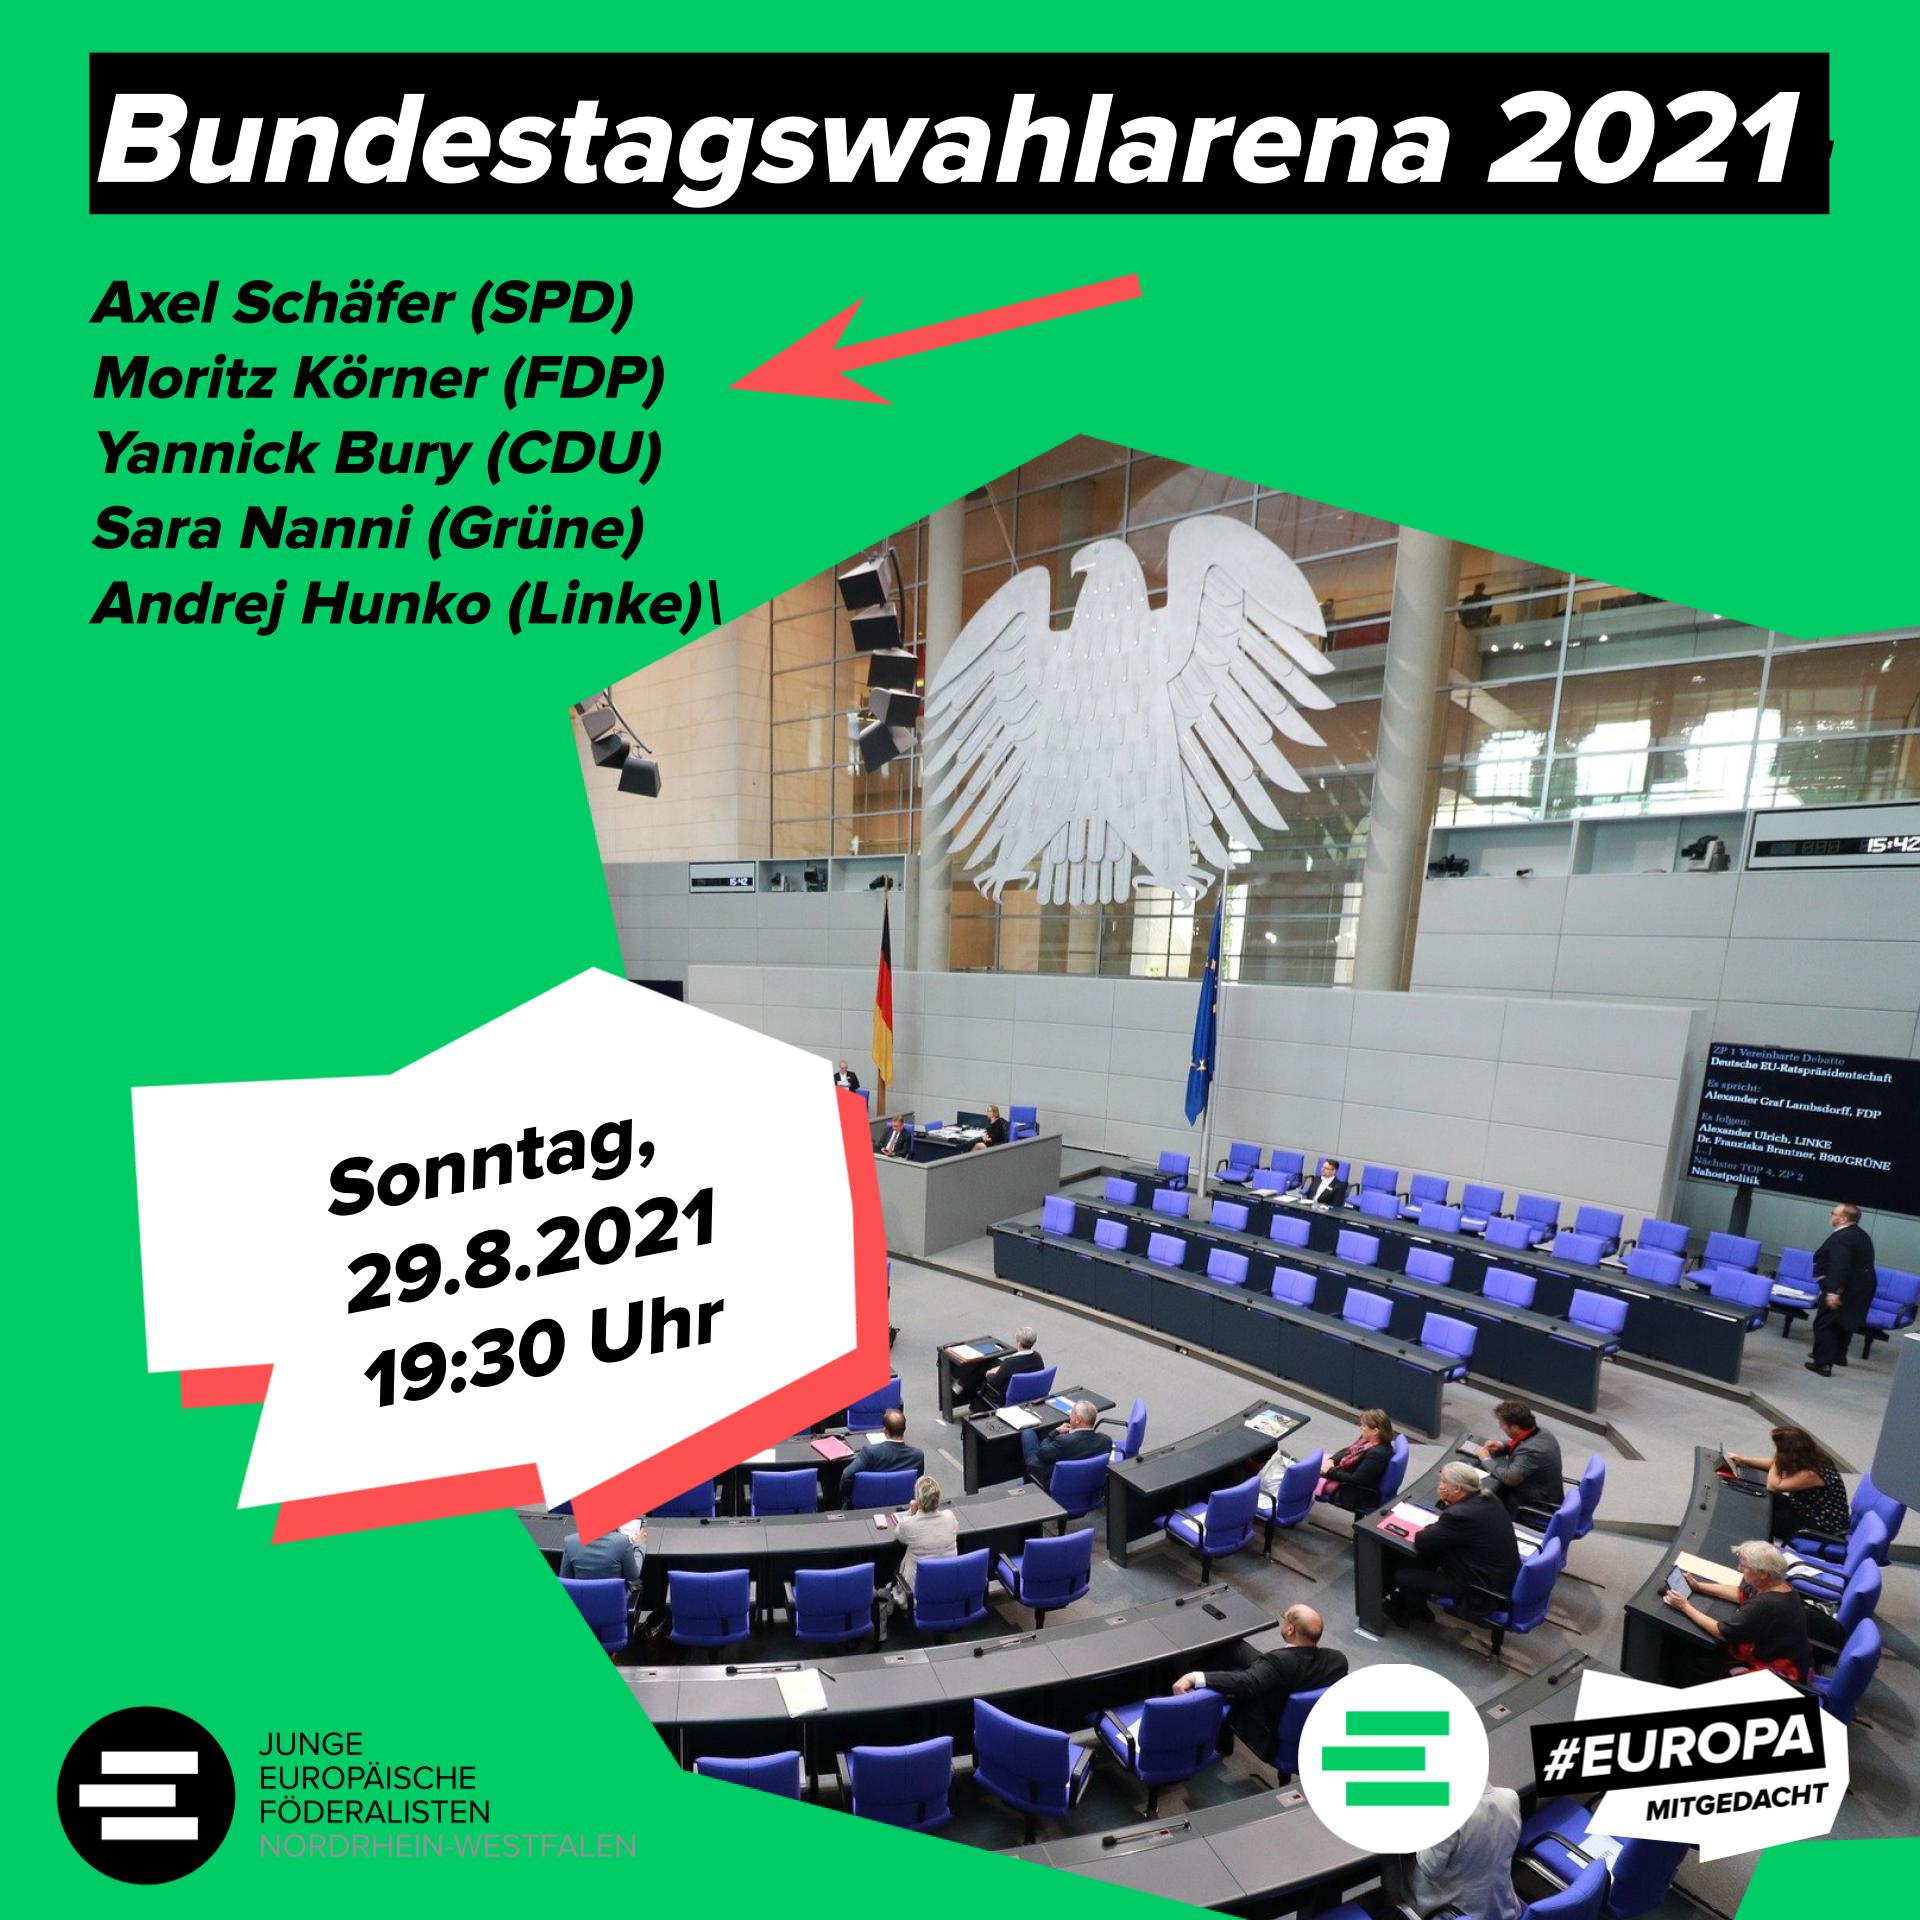 Bundestagswahlarena